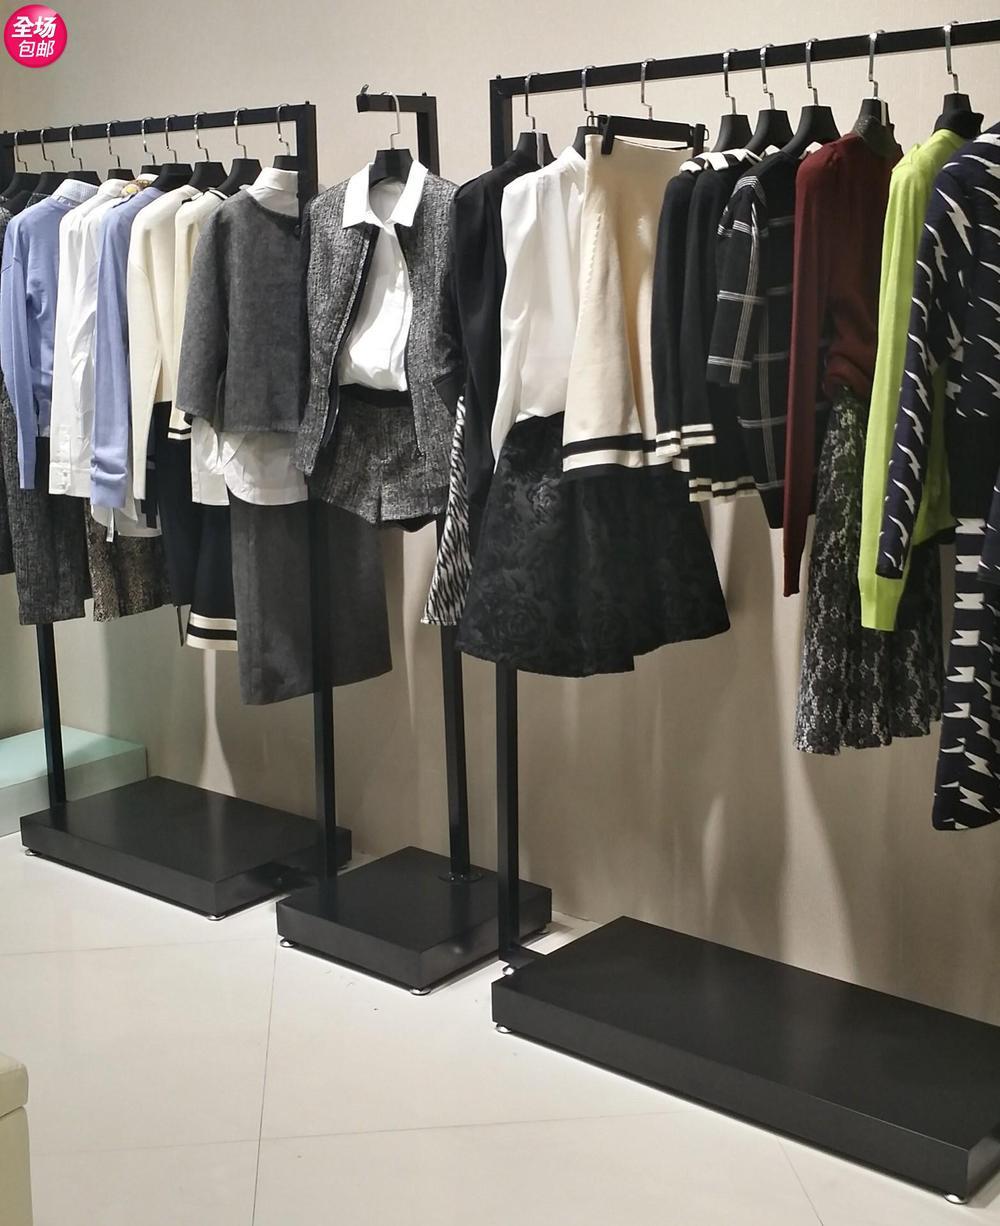 european clothing rack clothing racks display floor